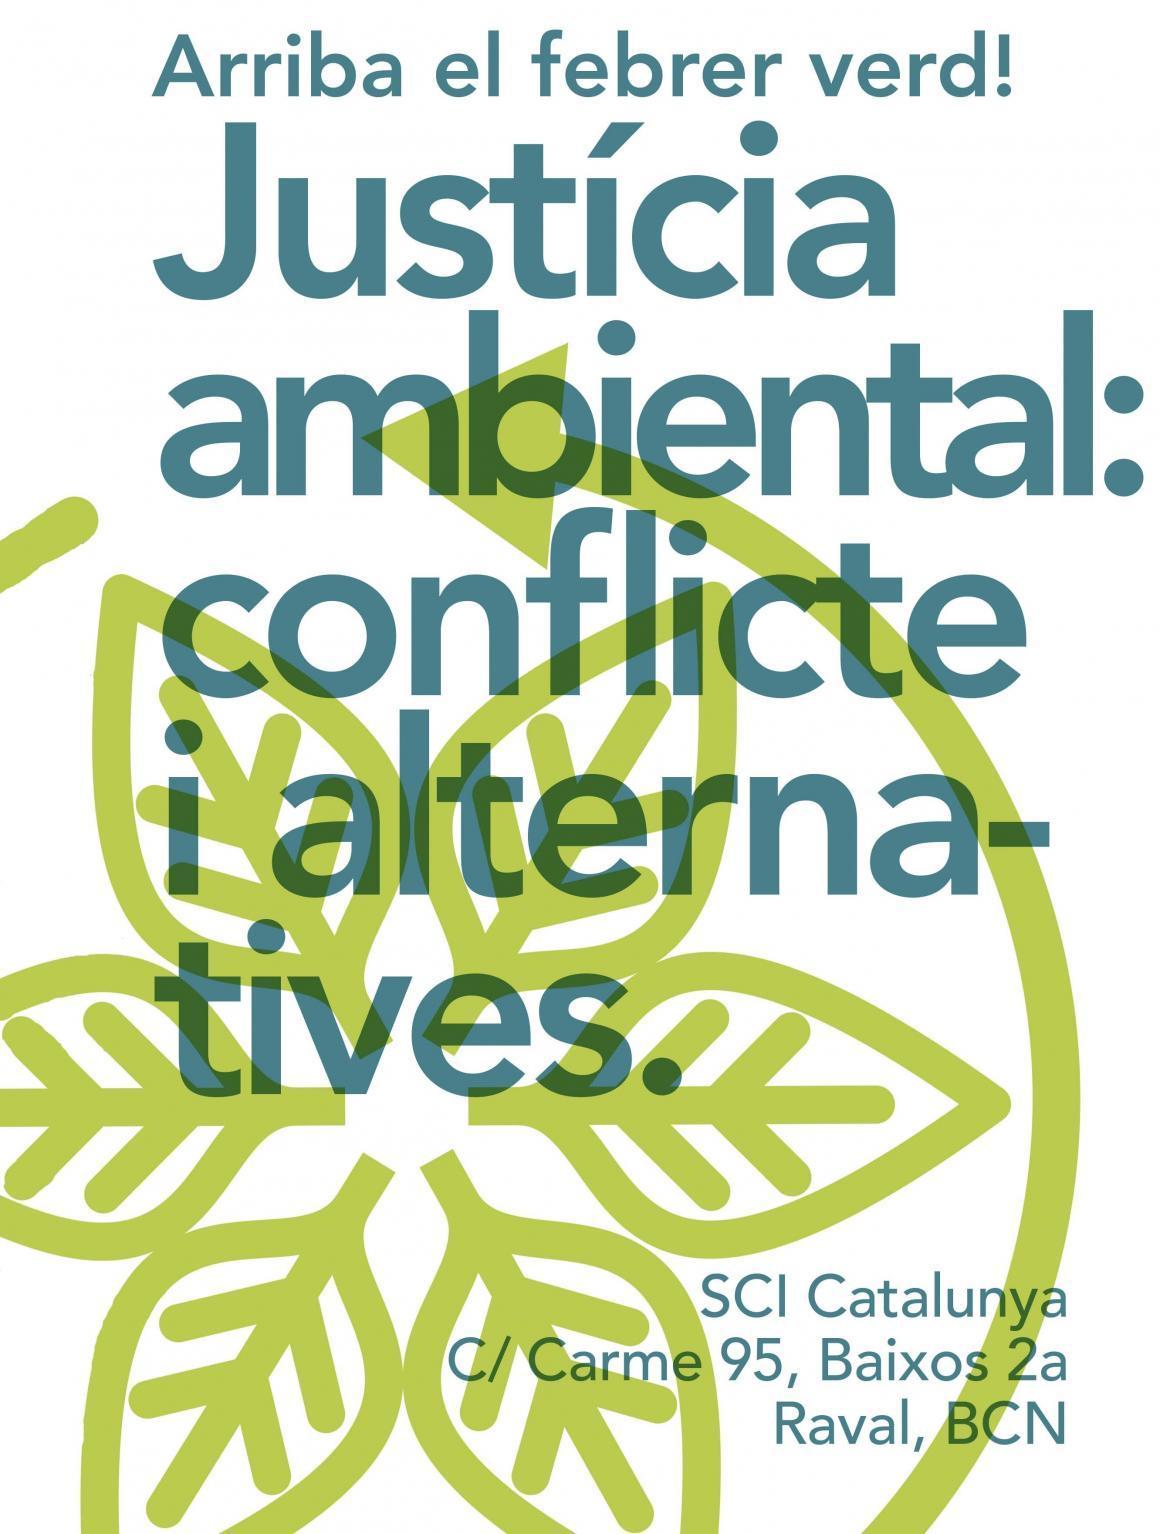 """Curs """"Justícia ambiental, conflicte i alternatives"""": Arriba el Febrer Verd!!"""